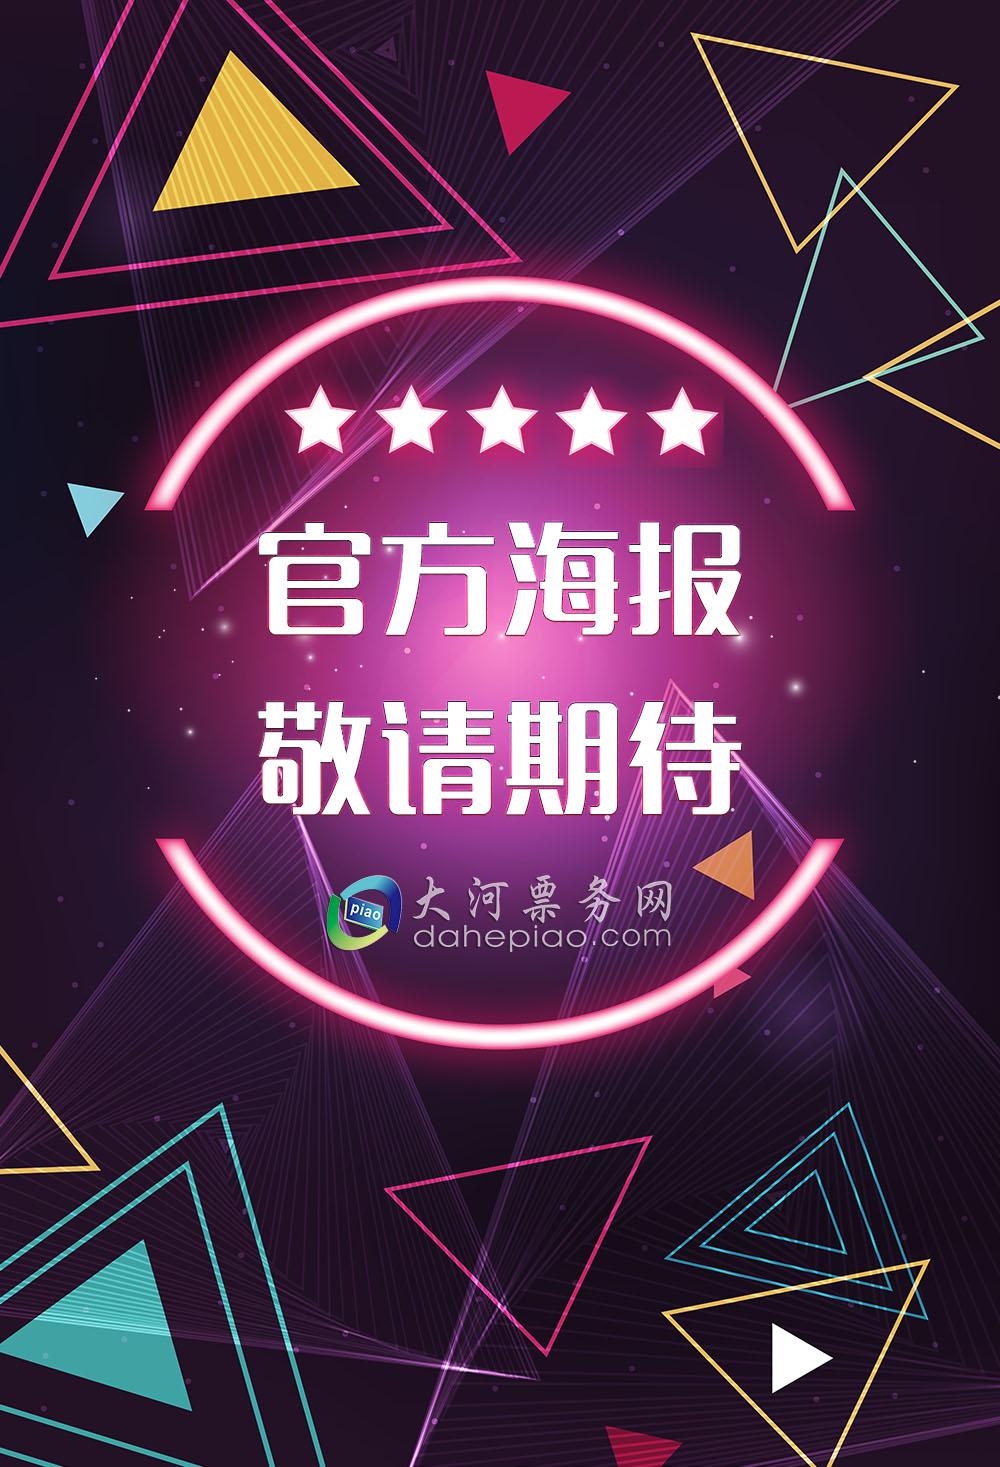 鹿晗深圳演唱会